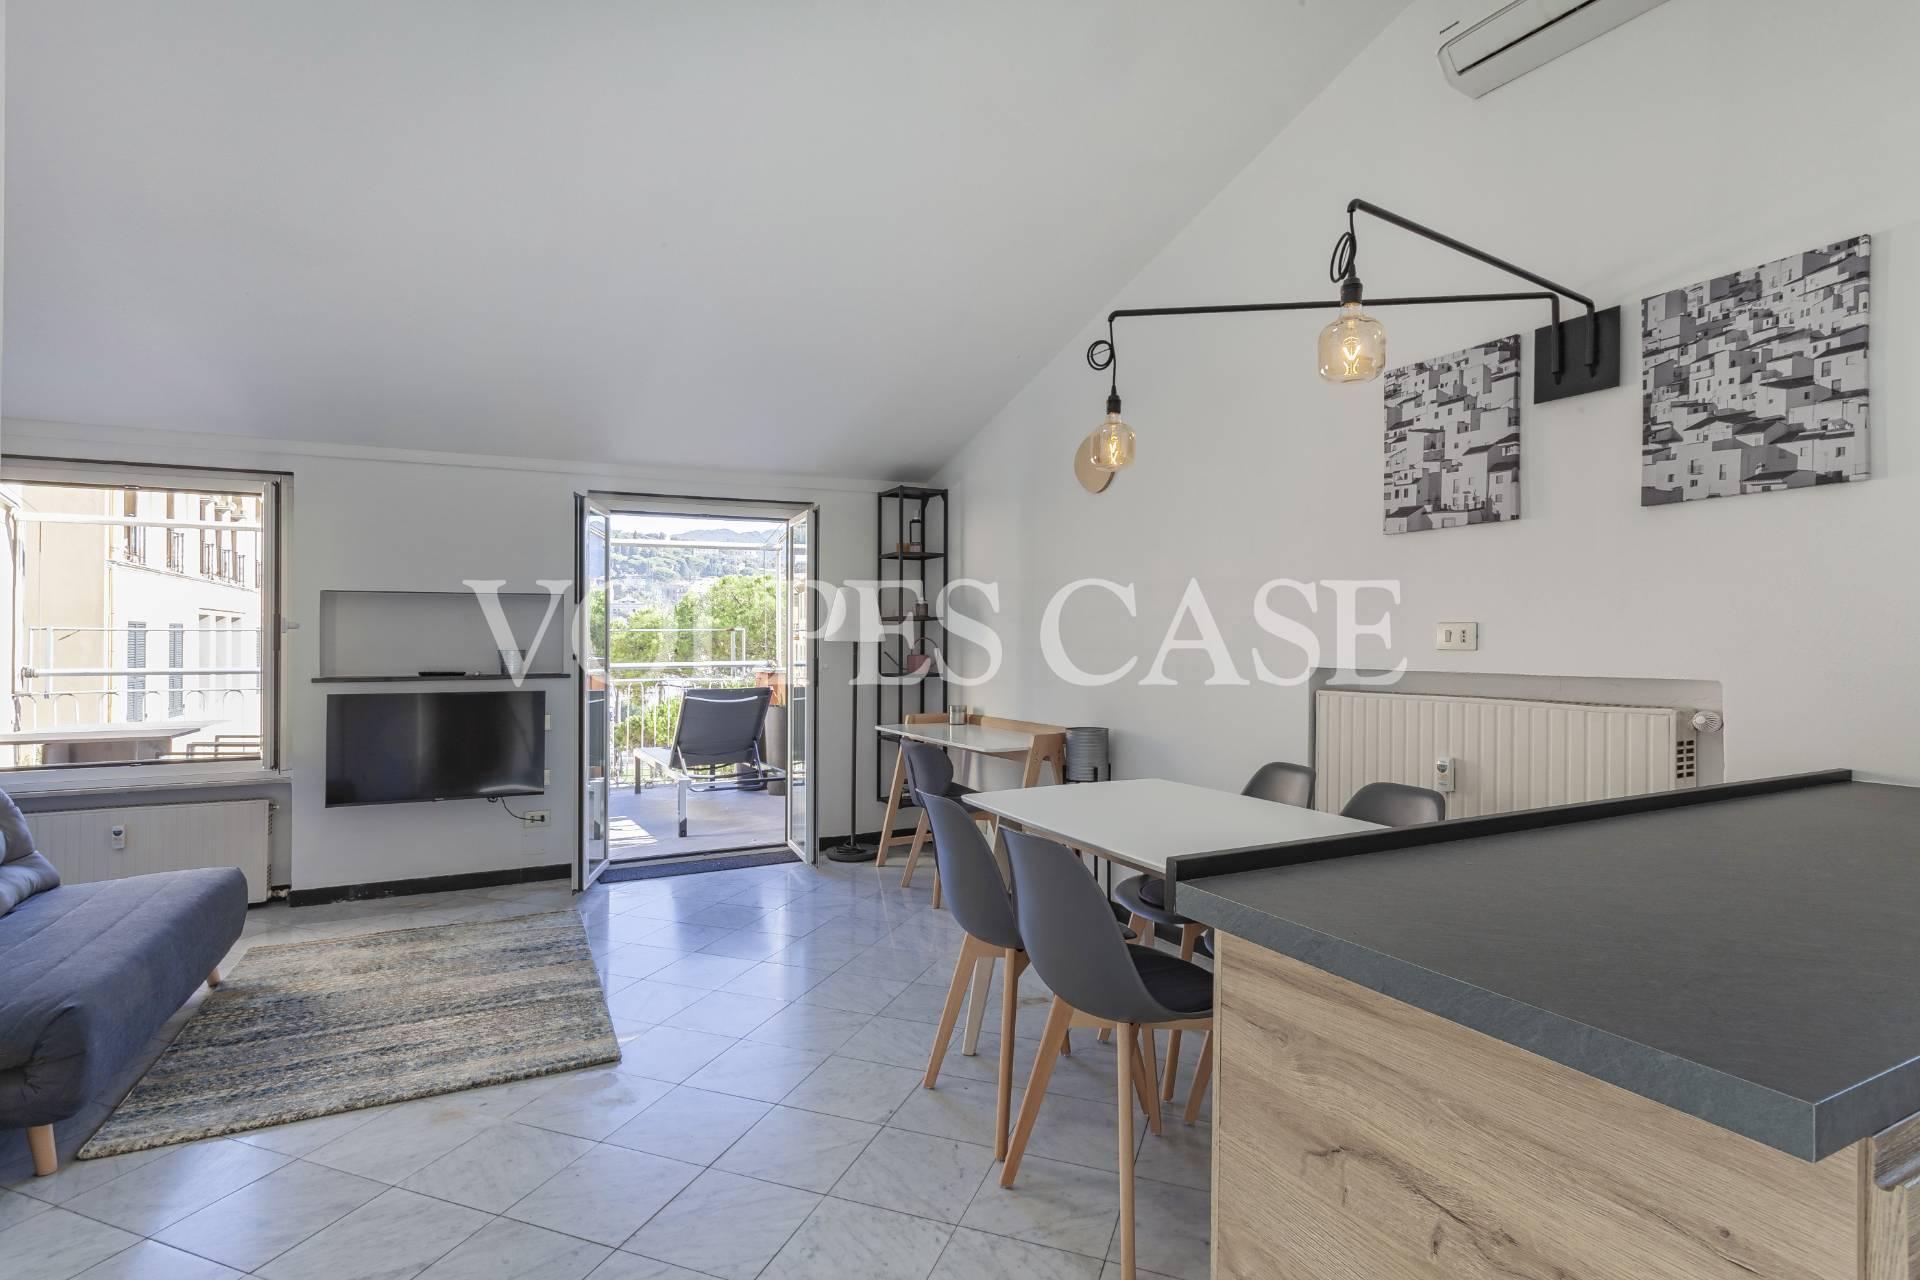 Attico / Mansarda in affitto a Santa Margherita Ligure, 3 locali, prezzo € 2.250   CambioCasa.it